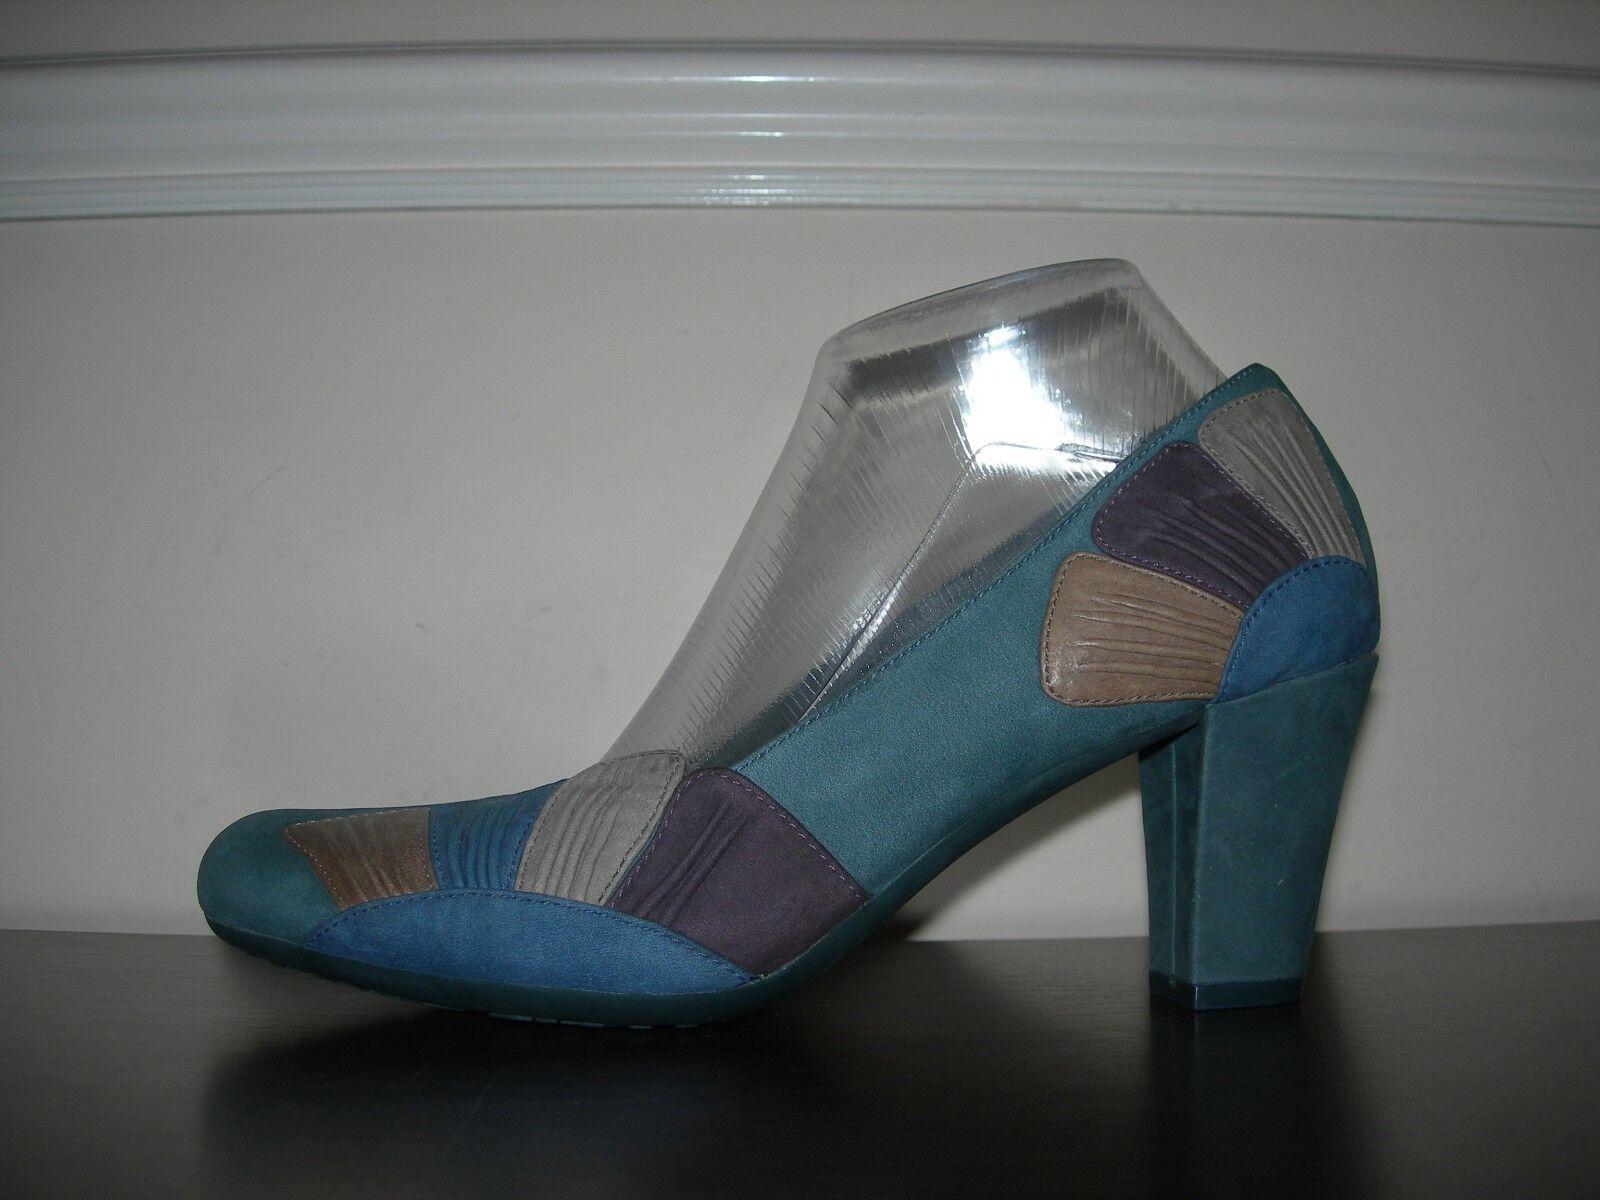 Camper Twins Femmes Cour Chaussures talons nubuck dessus eu 40 UK 7 - 7.5 très rare